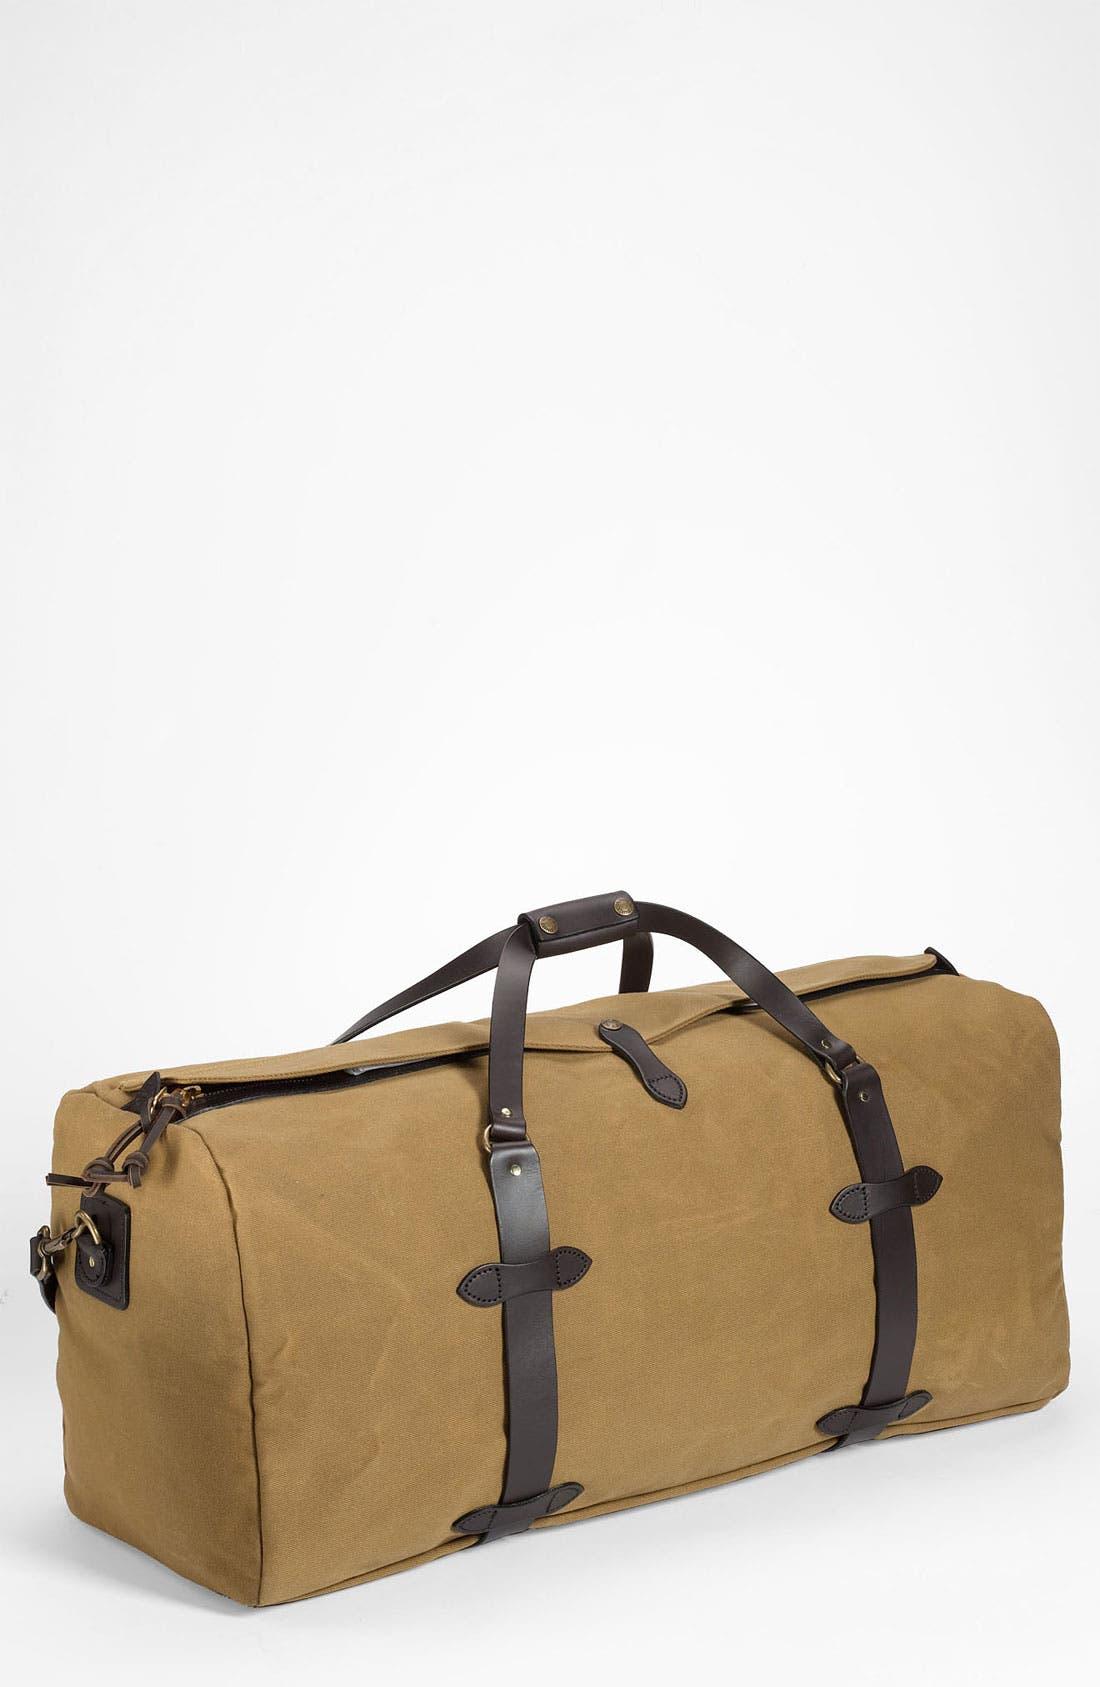 Alternate Image 1 Selected - Filson Large Duffel Bag